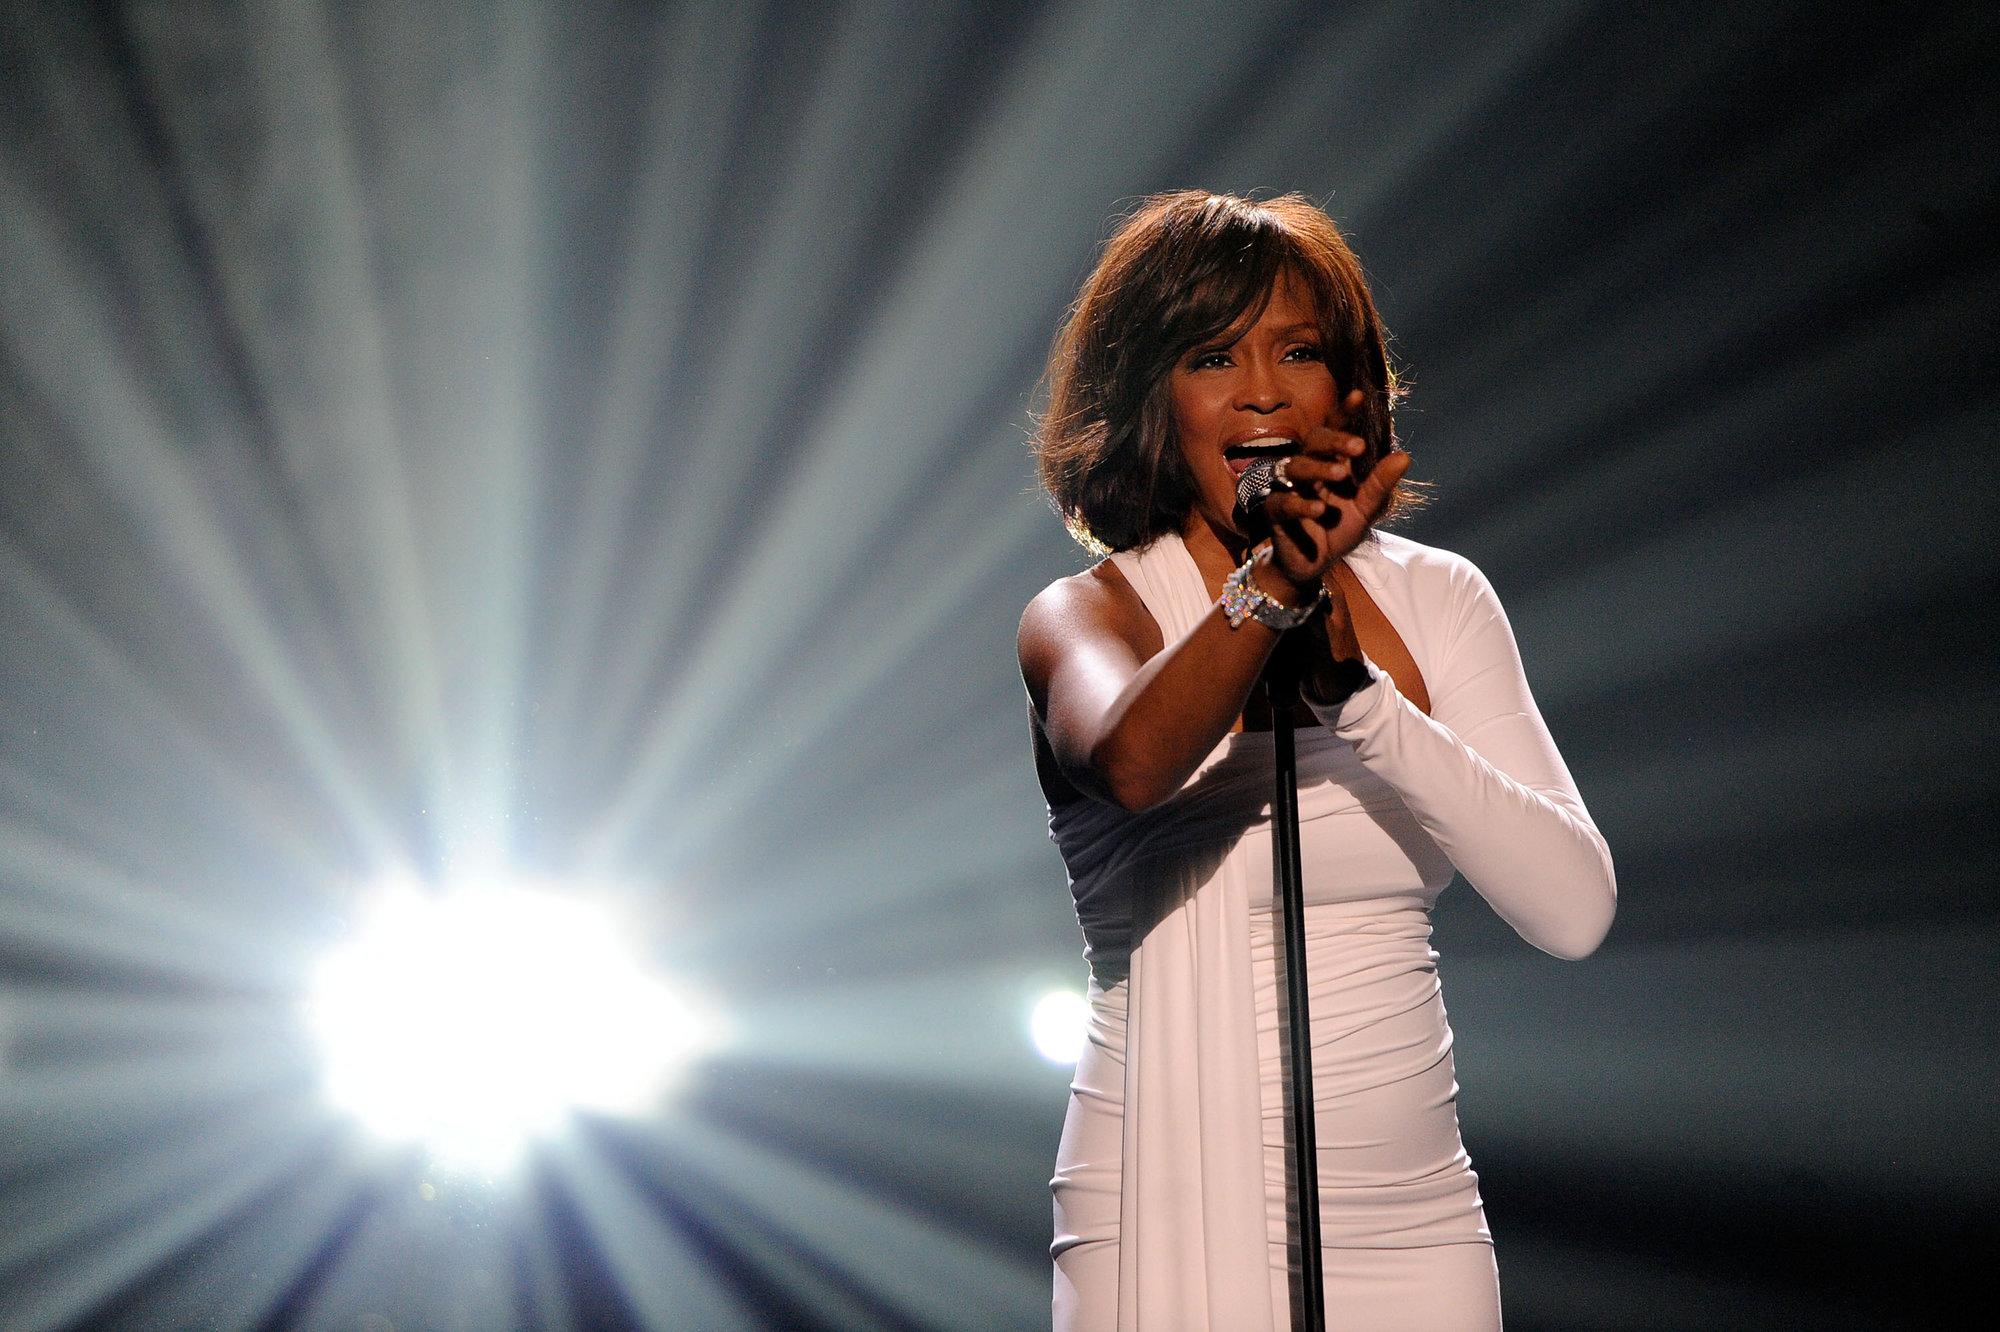 Sigue en directo el funeral de la cantante Whitney Houston